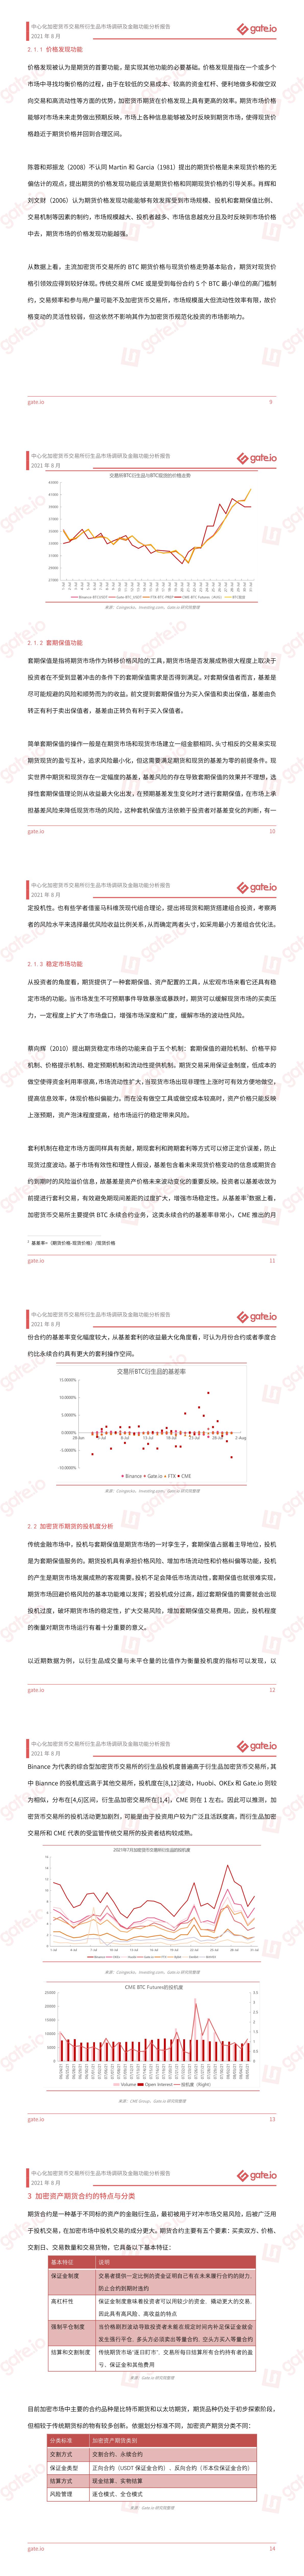 Gate.io研究院:中心化加密货币交易所衍生品市场调研及金融功能分析报告